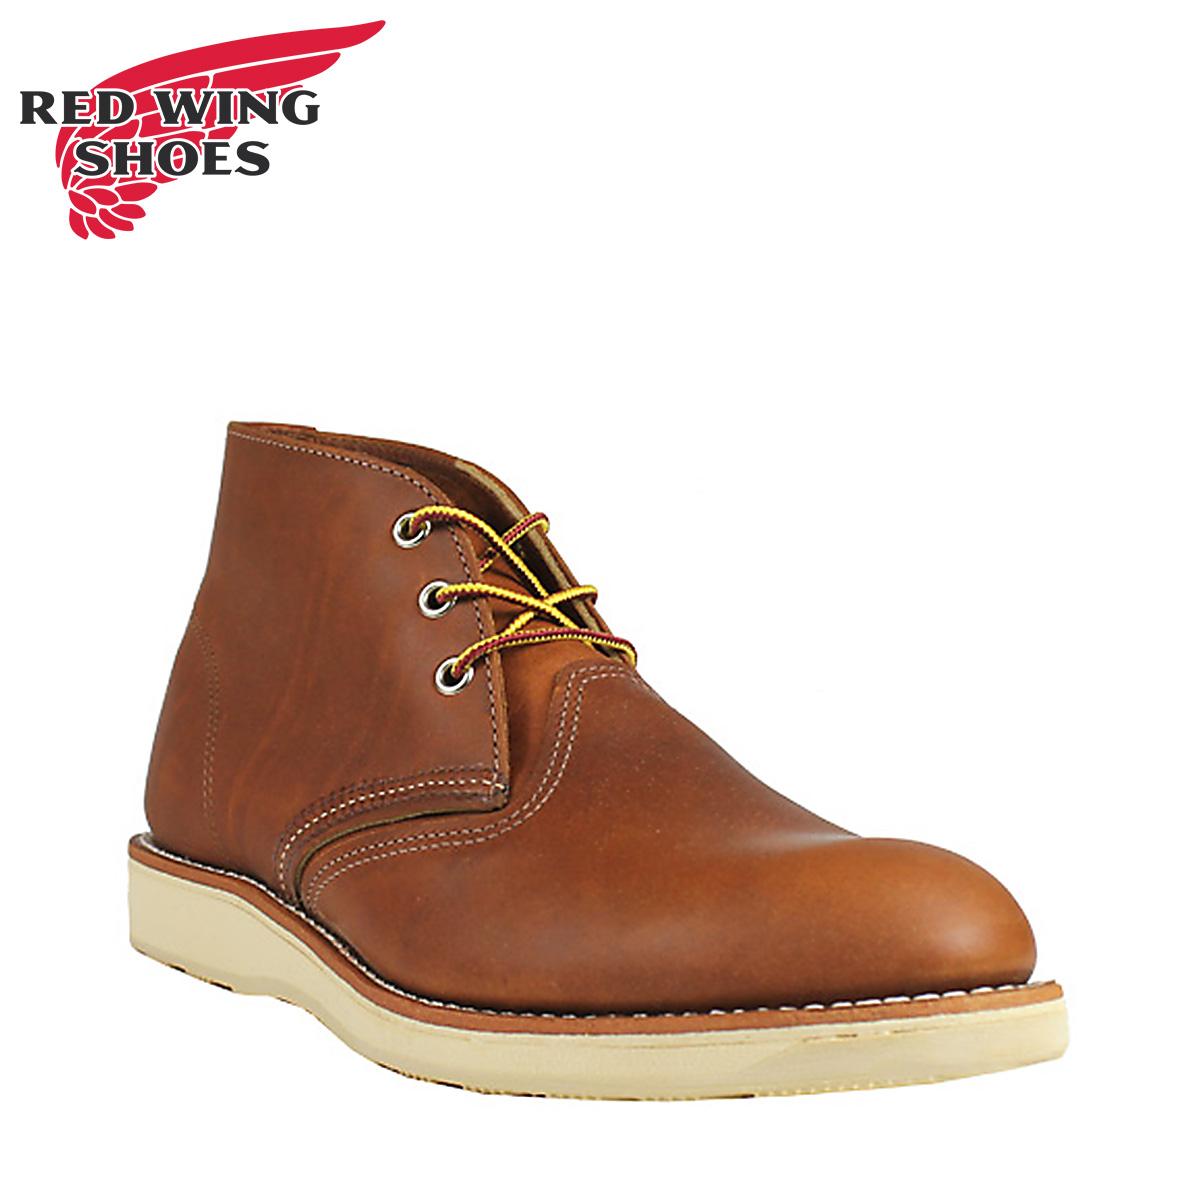 レッドウィング RED WING ブーツ チャッカブーツ クラシック メンズ CLASSIC CHUKKA Dワイズ ブラウン 3140